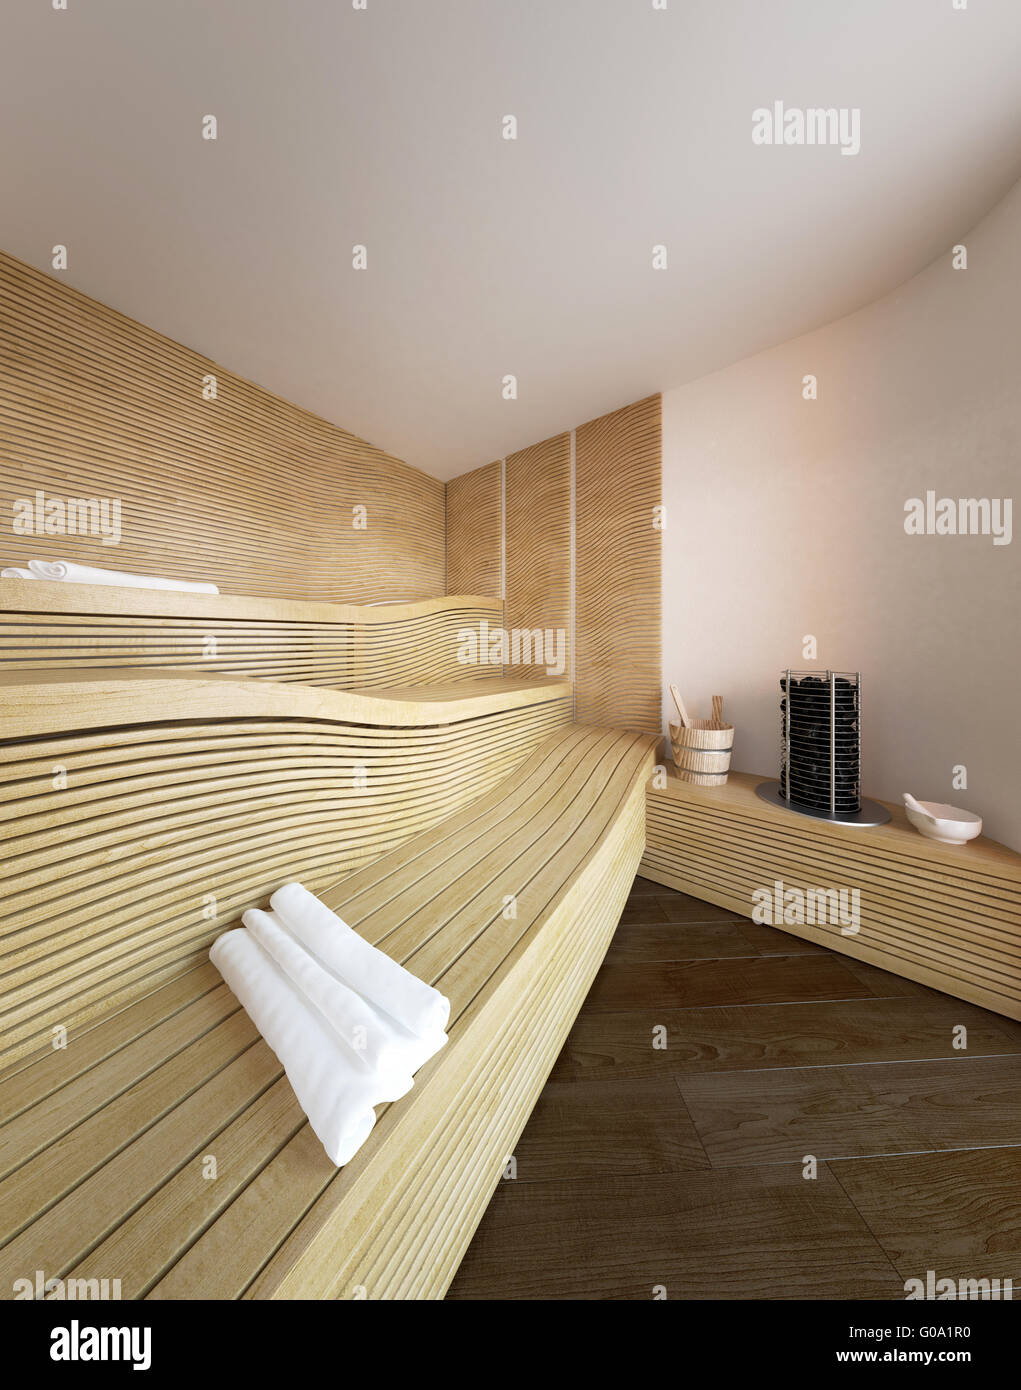 Architektonische Interieur Des Modernen Sauna Im Luxus Haus Mit Wellig Aus  Holz Liege Sitzbänke Und Gewalzten Weiße Handtücher Für Die Gäste.  3D Rendering.